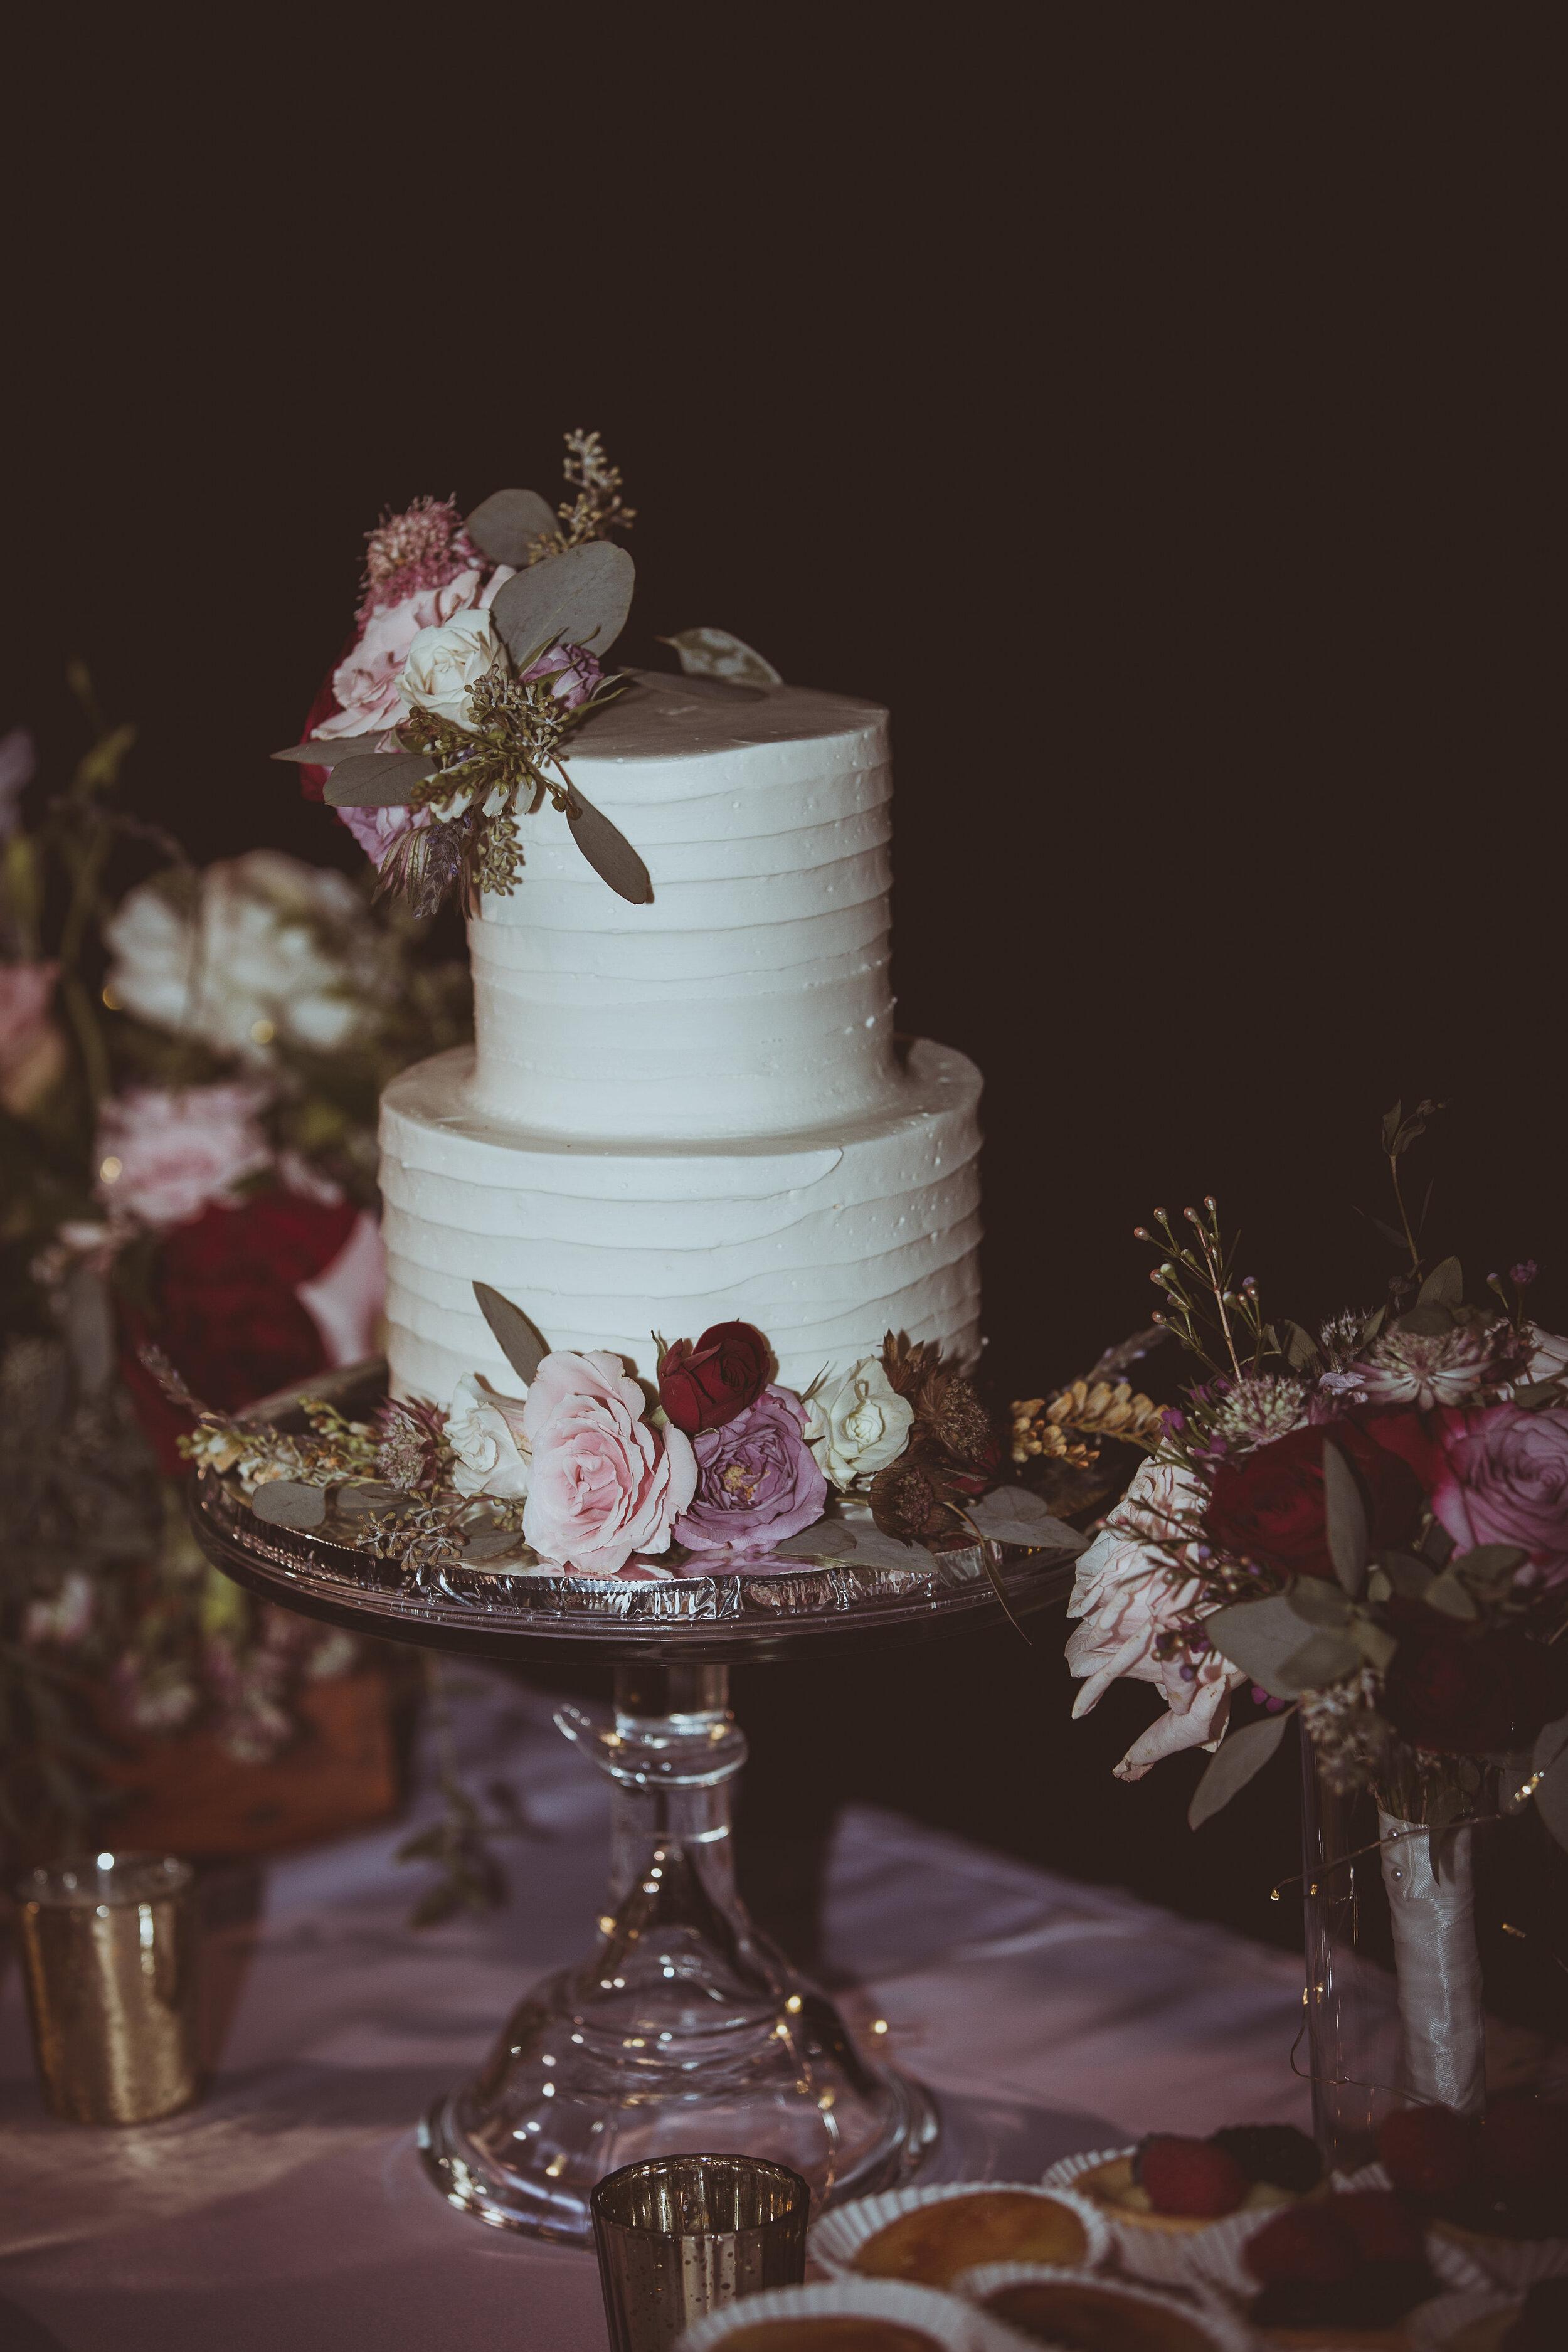 Alex & Daniela Cake, Flowers, Roses, Dessert Table .jpg